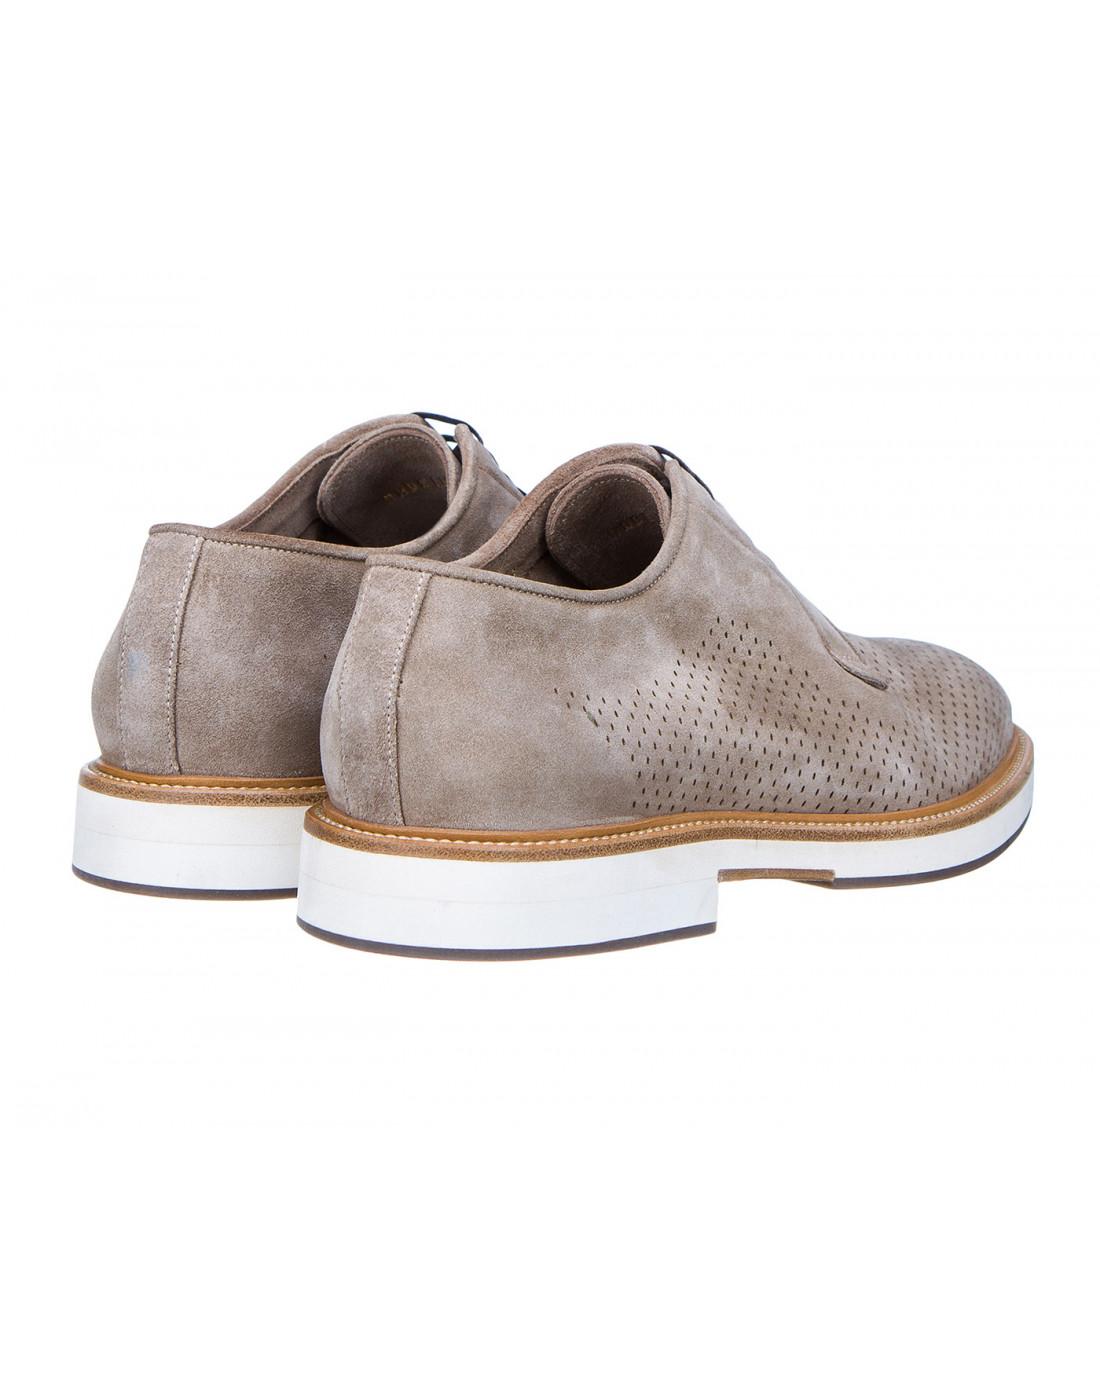 Туфли коричневые мужские Brecos S7521-3